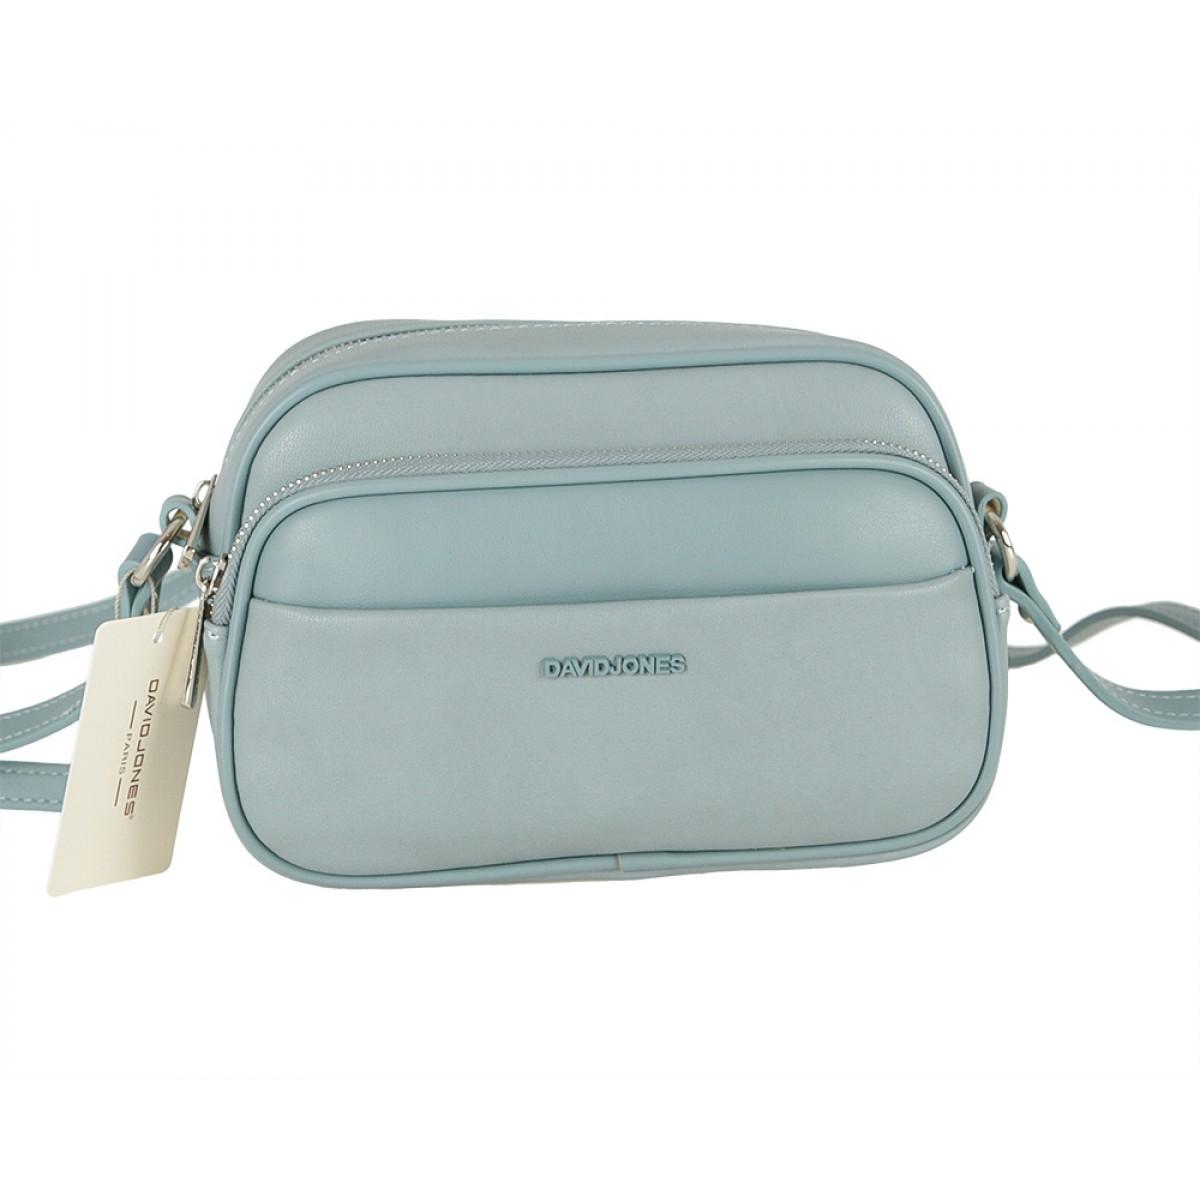 Жіноча сумка David Jones  6297-1 L.BLUE